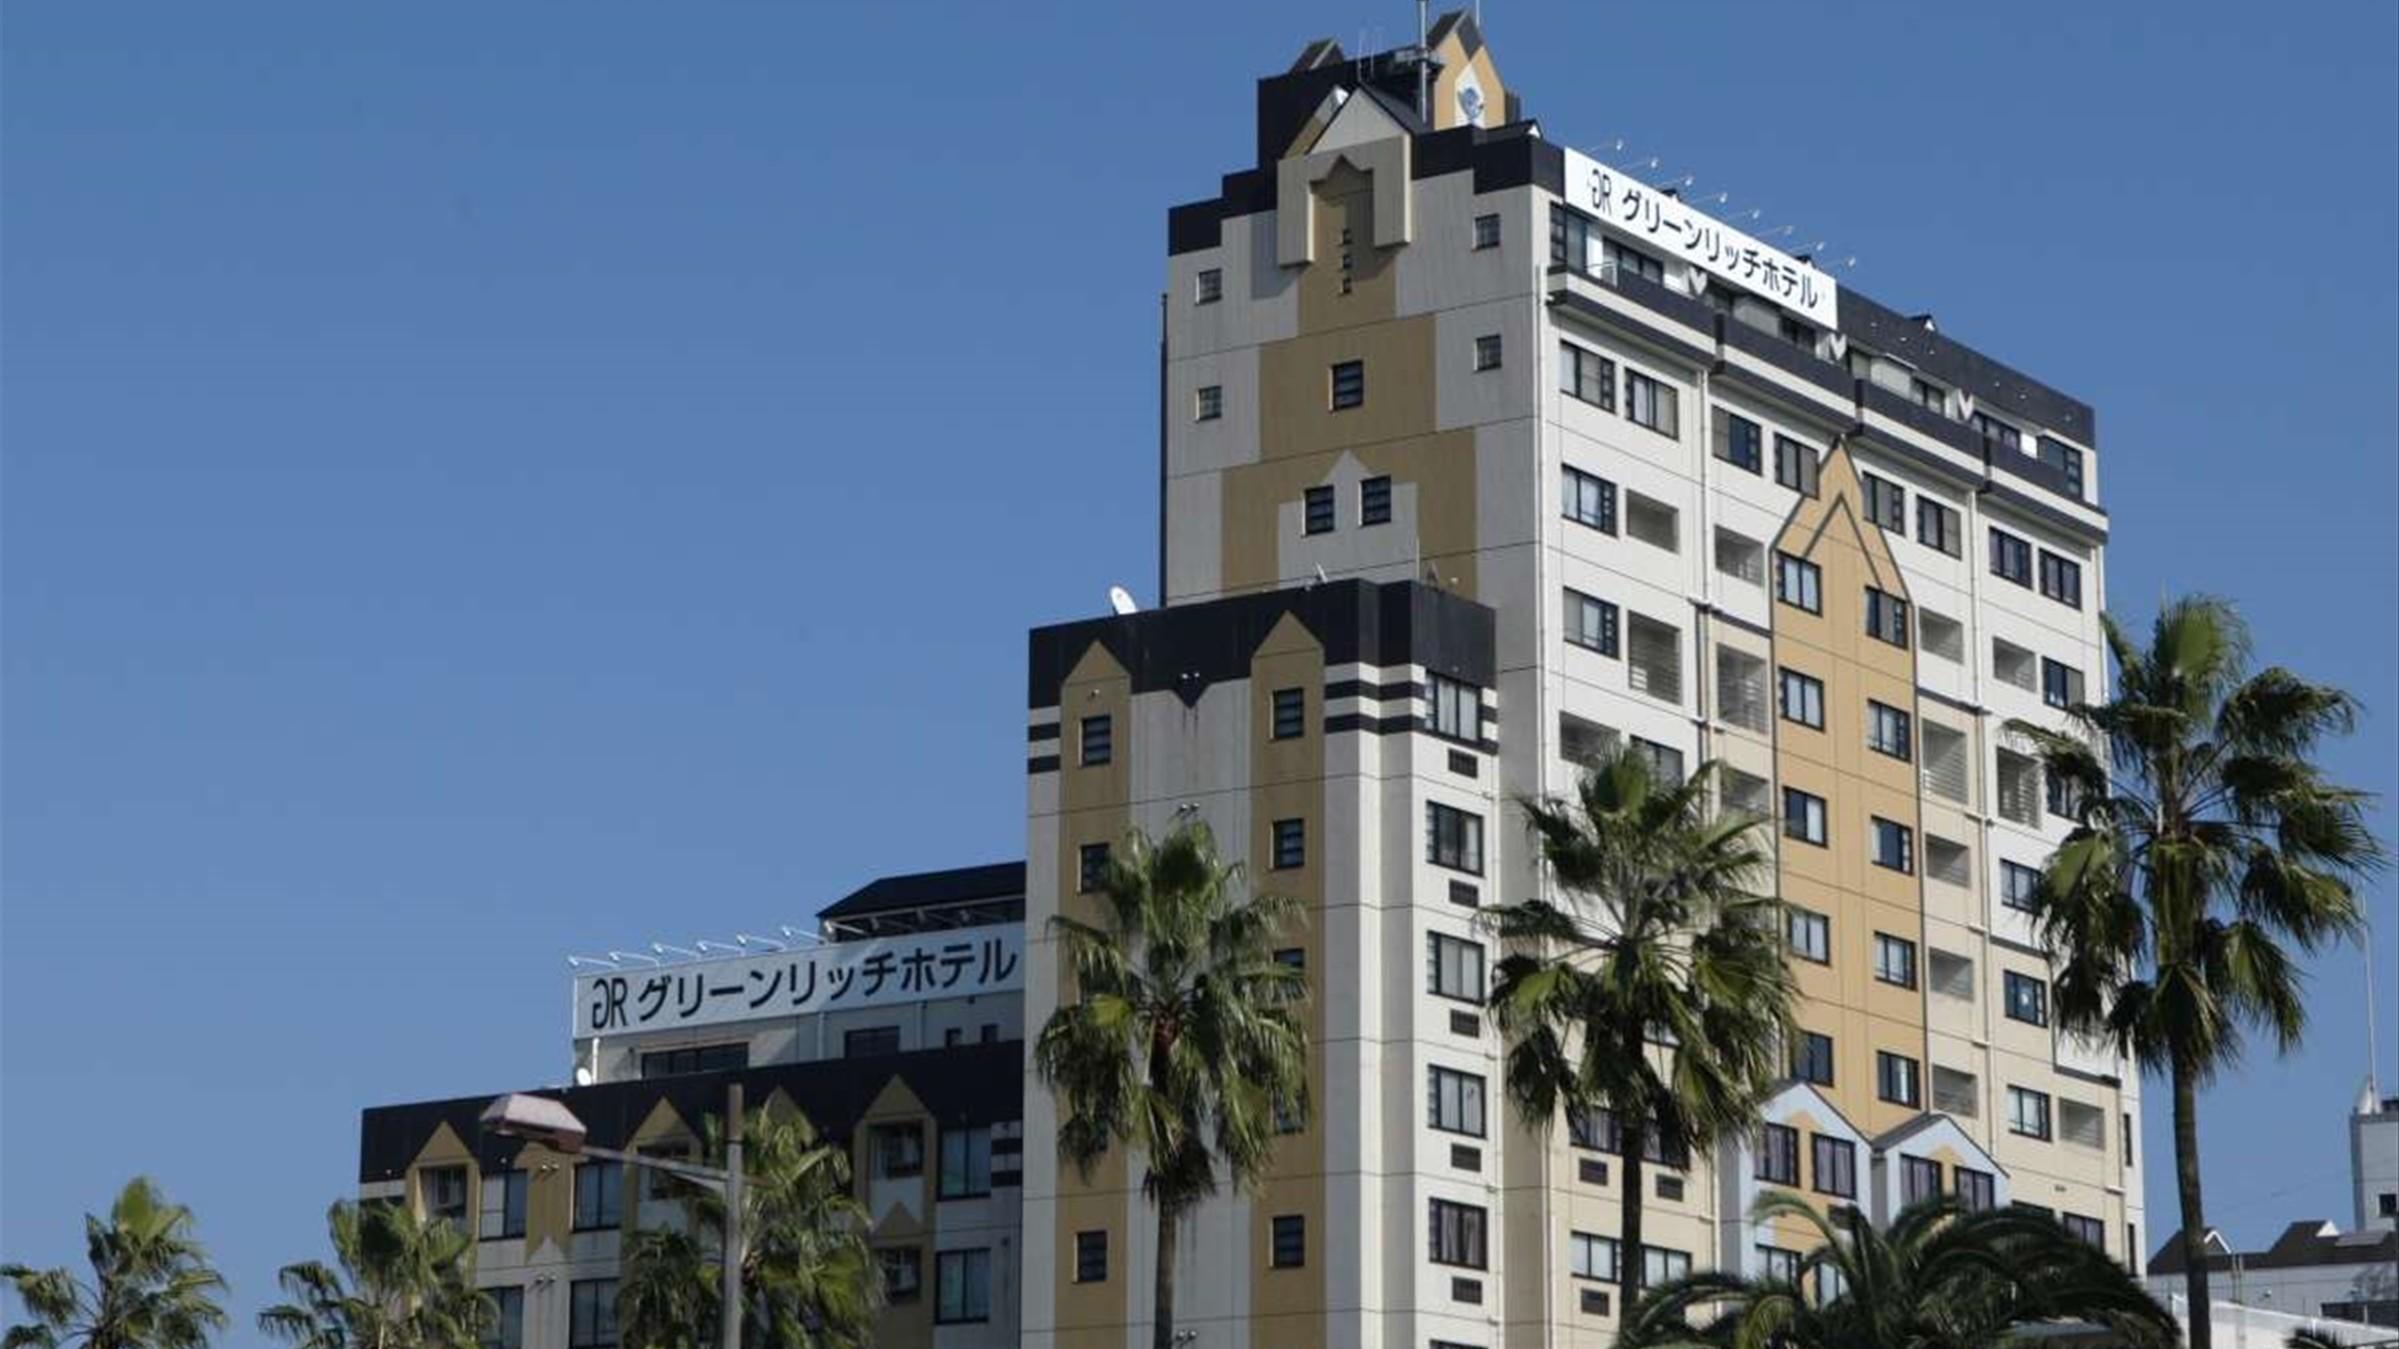 グリーンリッチホテル宮崎(長期滞在可能コンドミニアムホテル) image